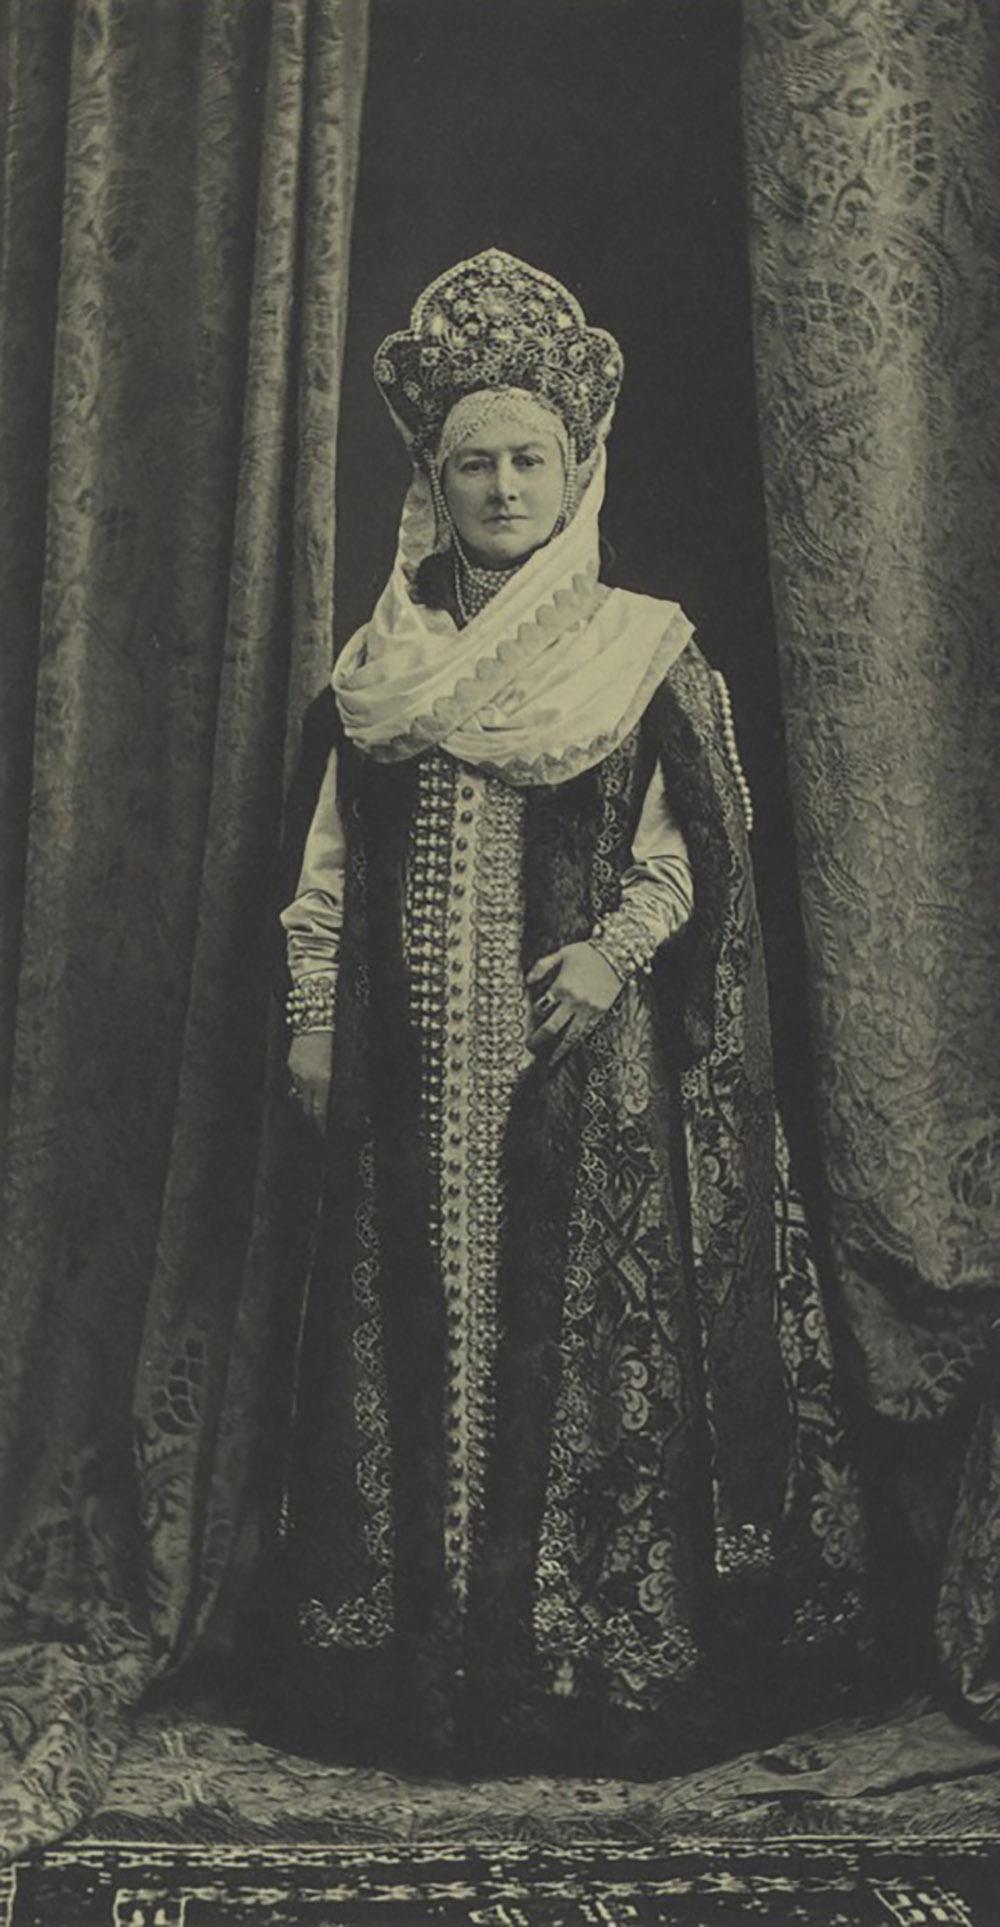 Ekaterina Il'inichna Tatishcheva